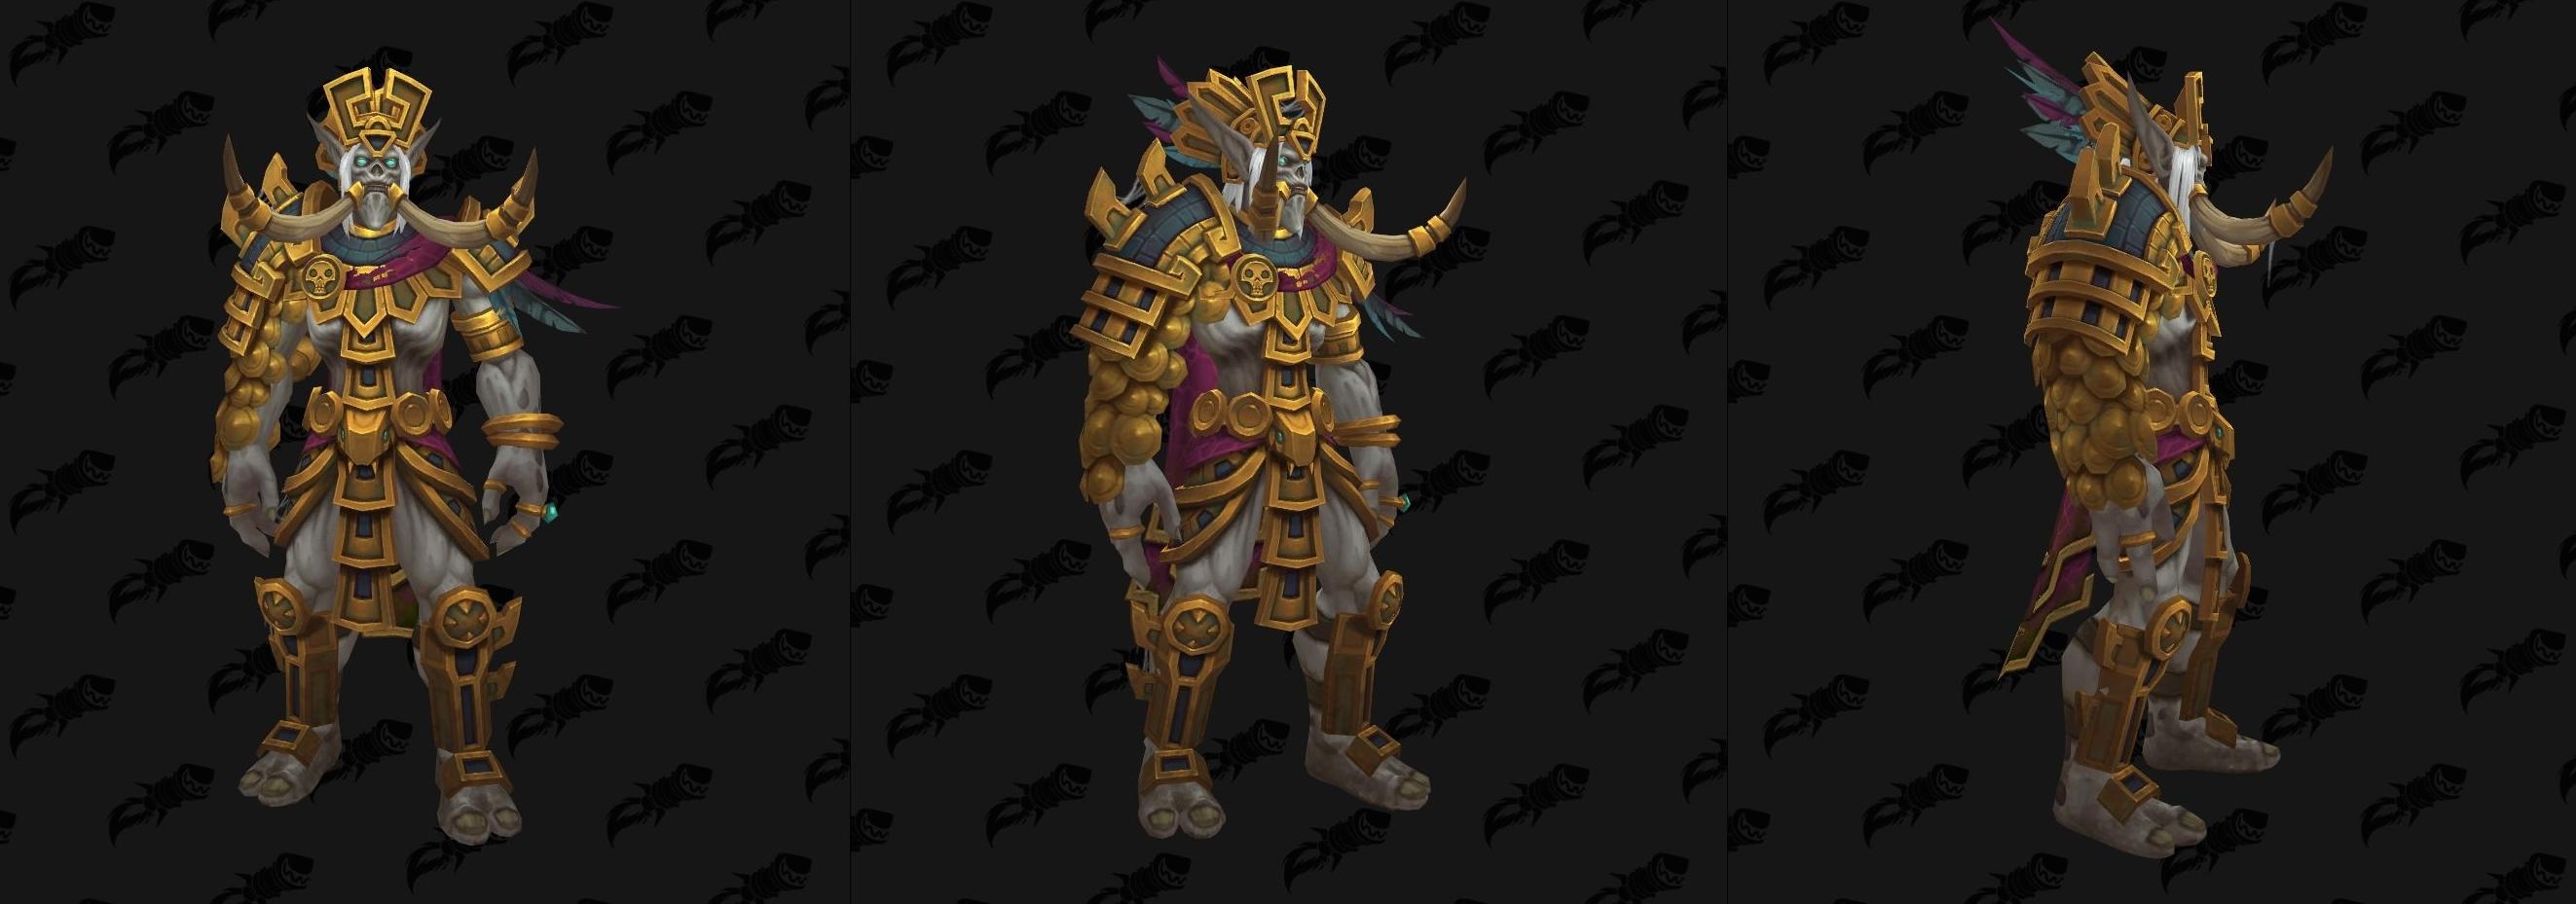 koning skelet en hero brin